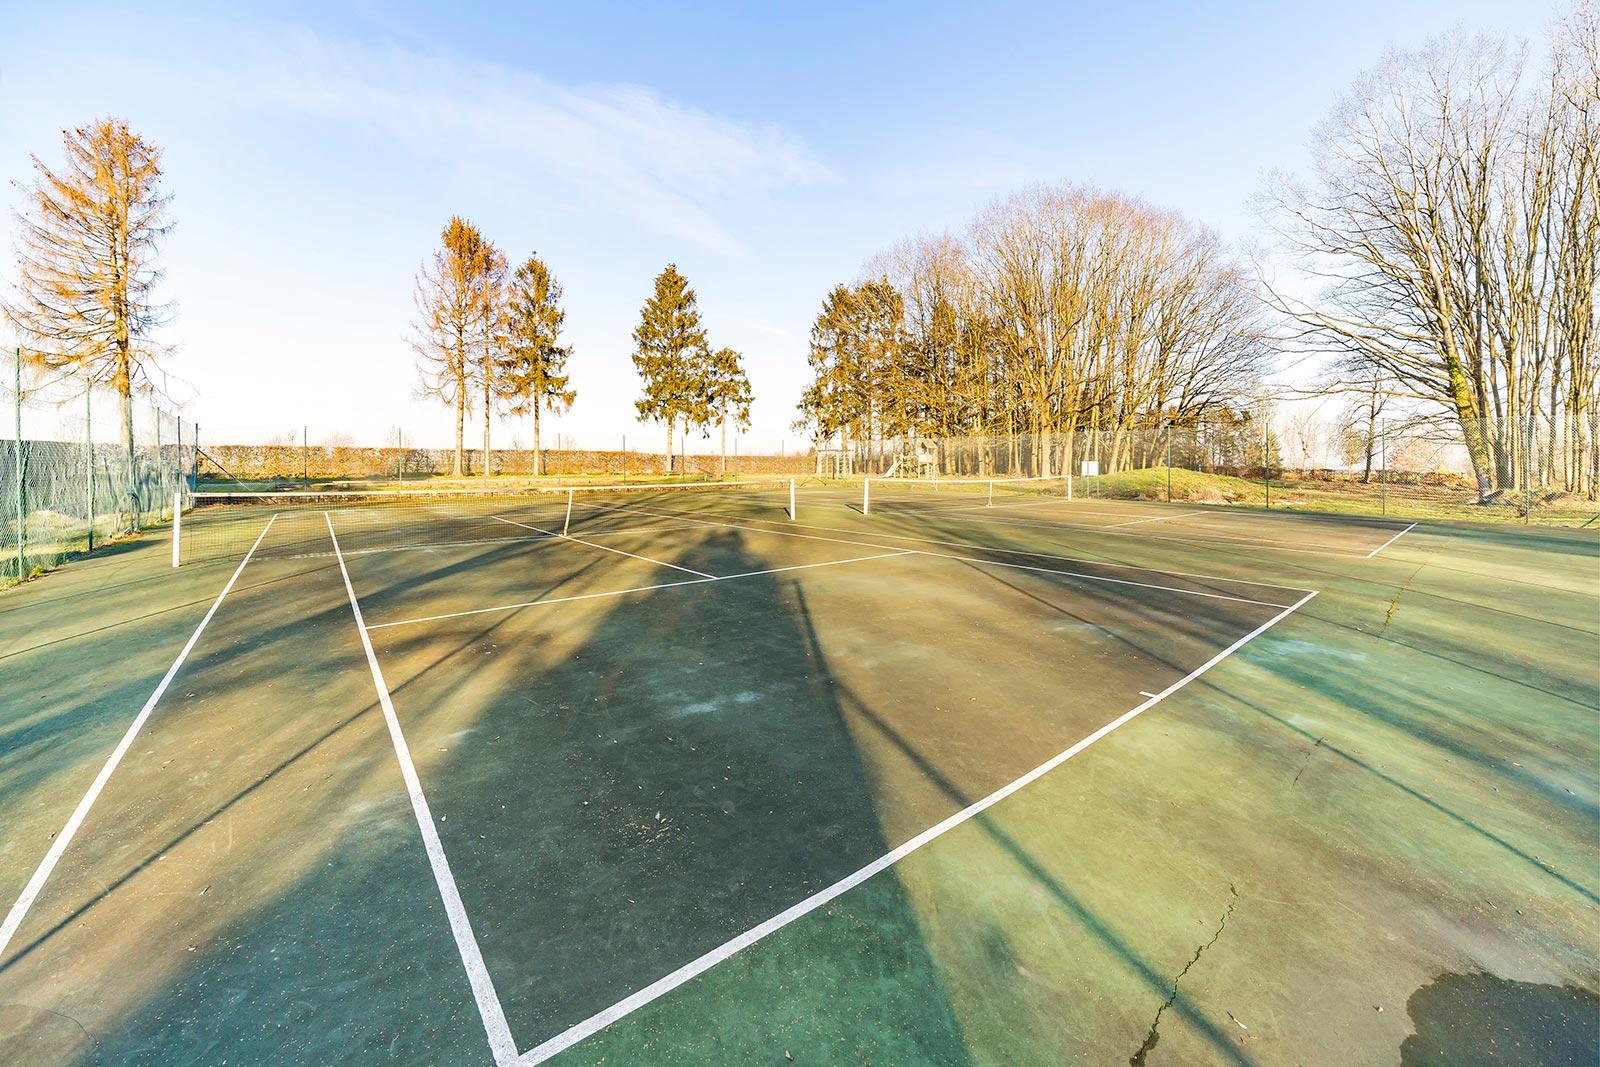 domaine-de-ronchinne-activites-au-domaine-tennis.jpg